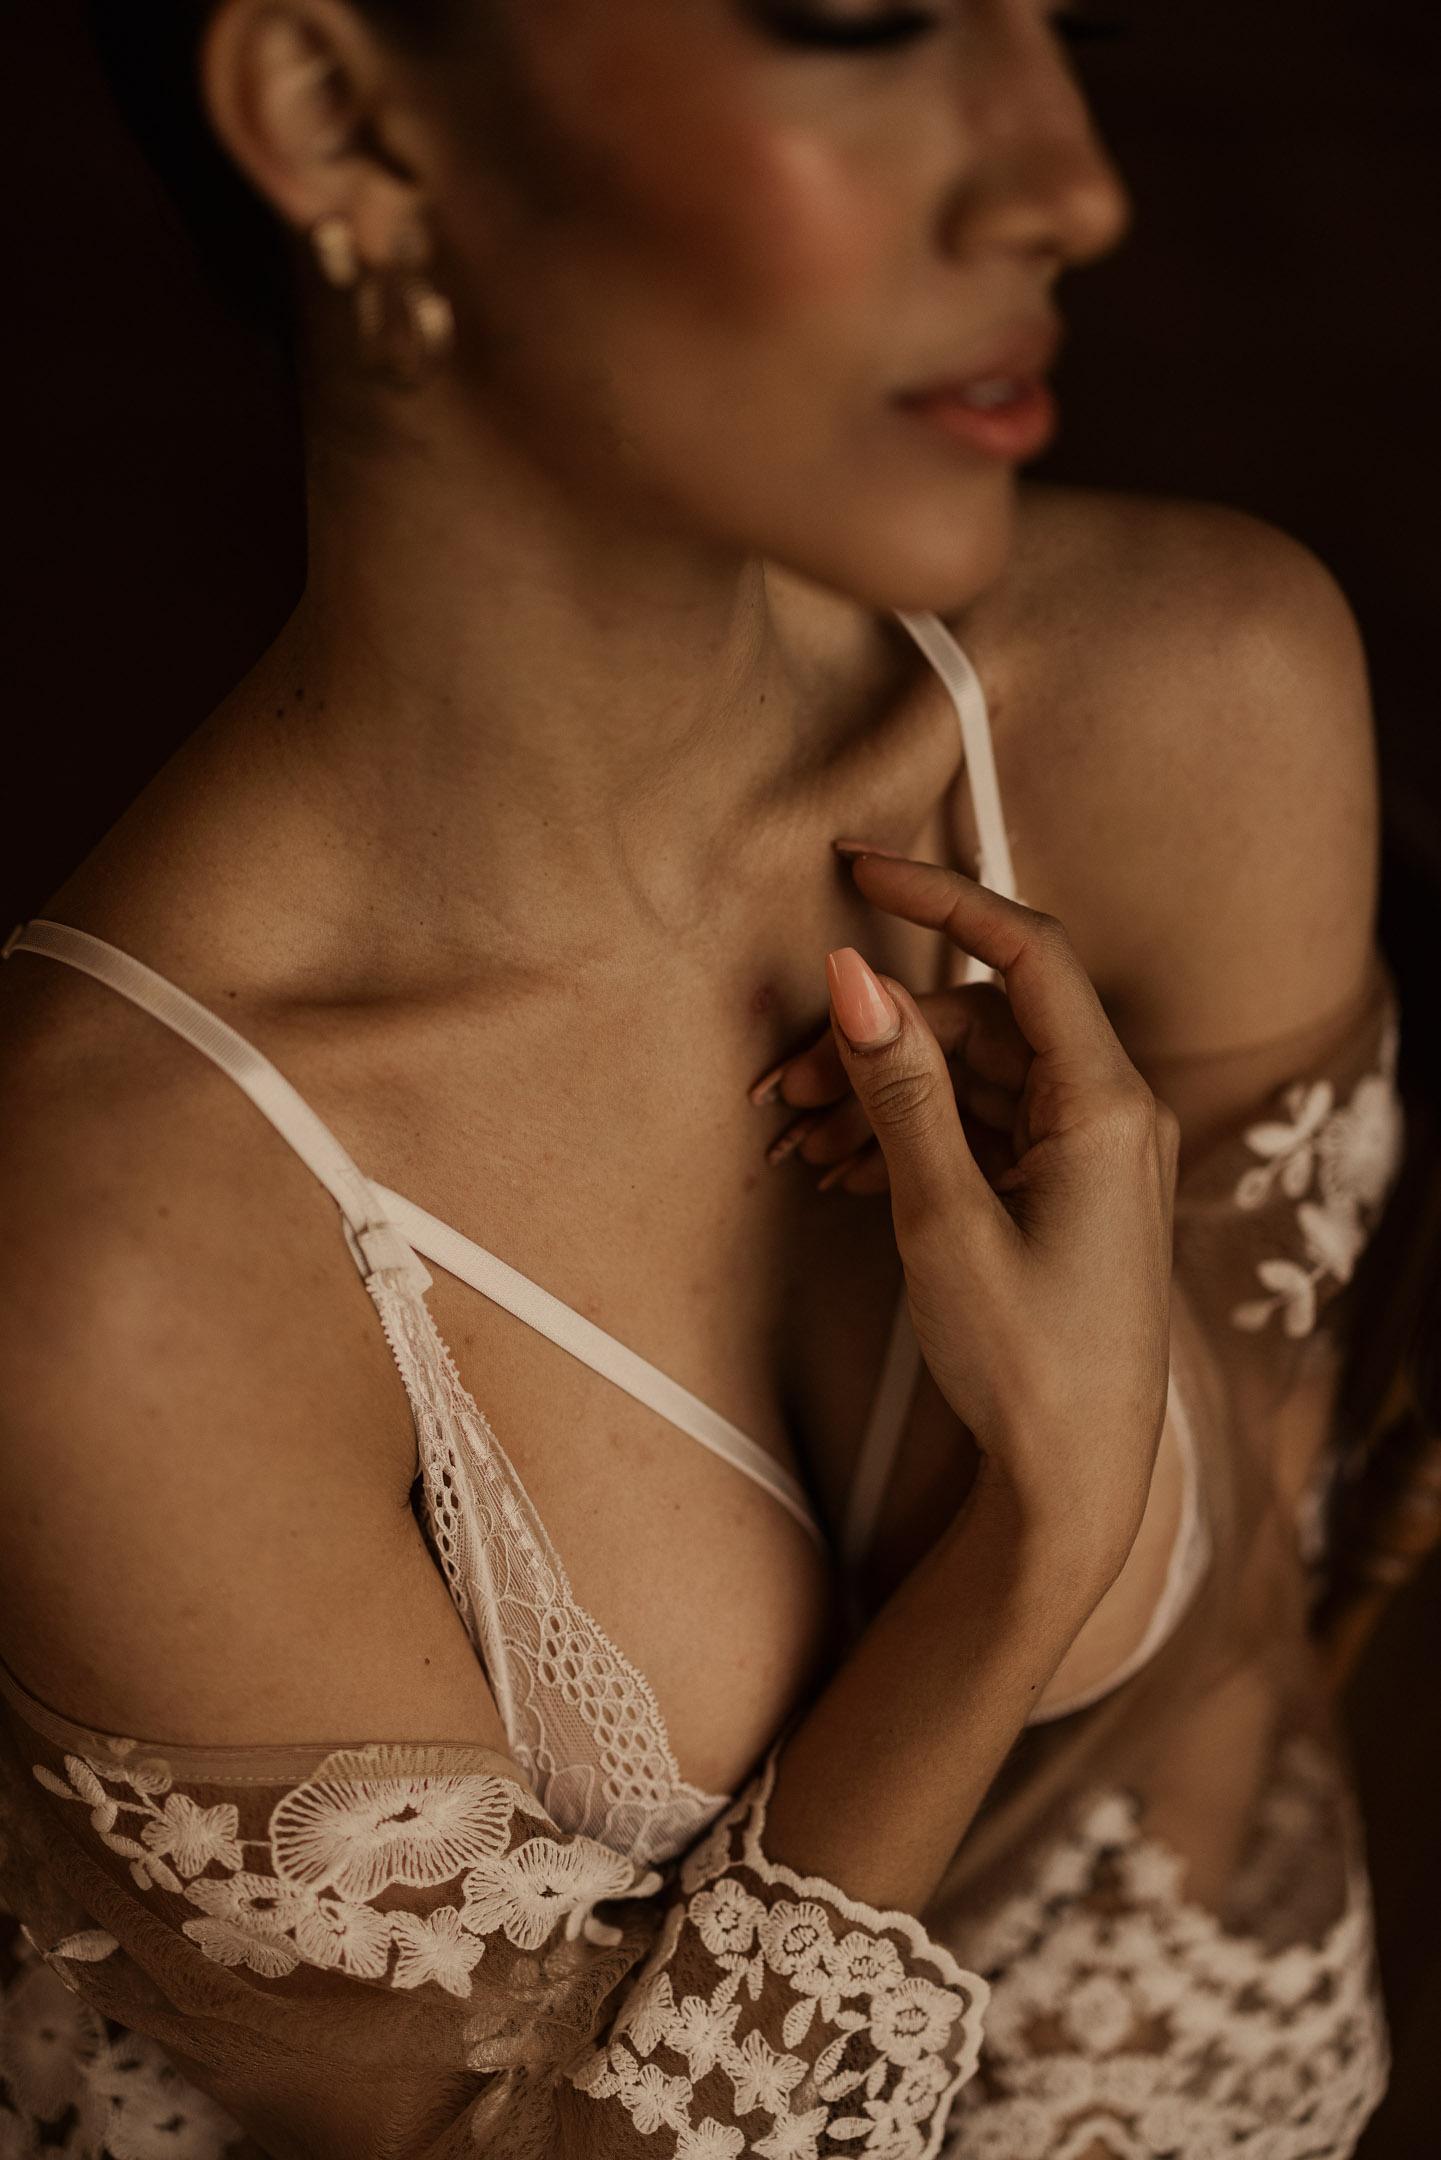 Intimate sexy photos bride niagara wedding boudoir